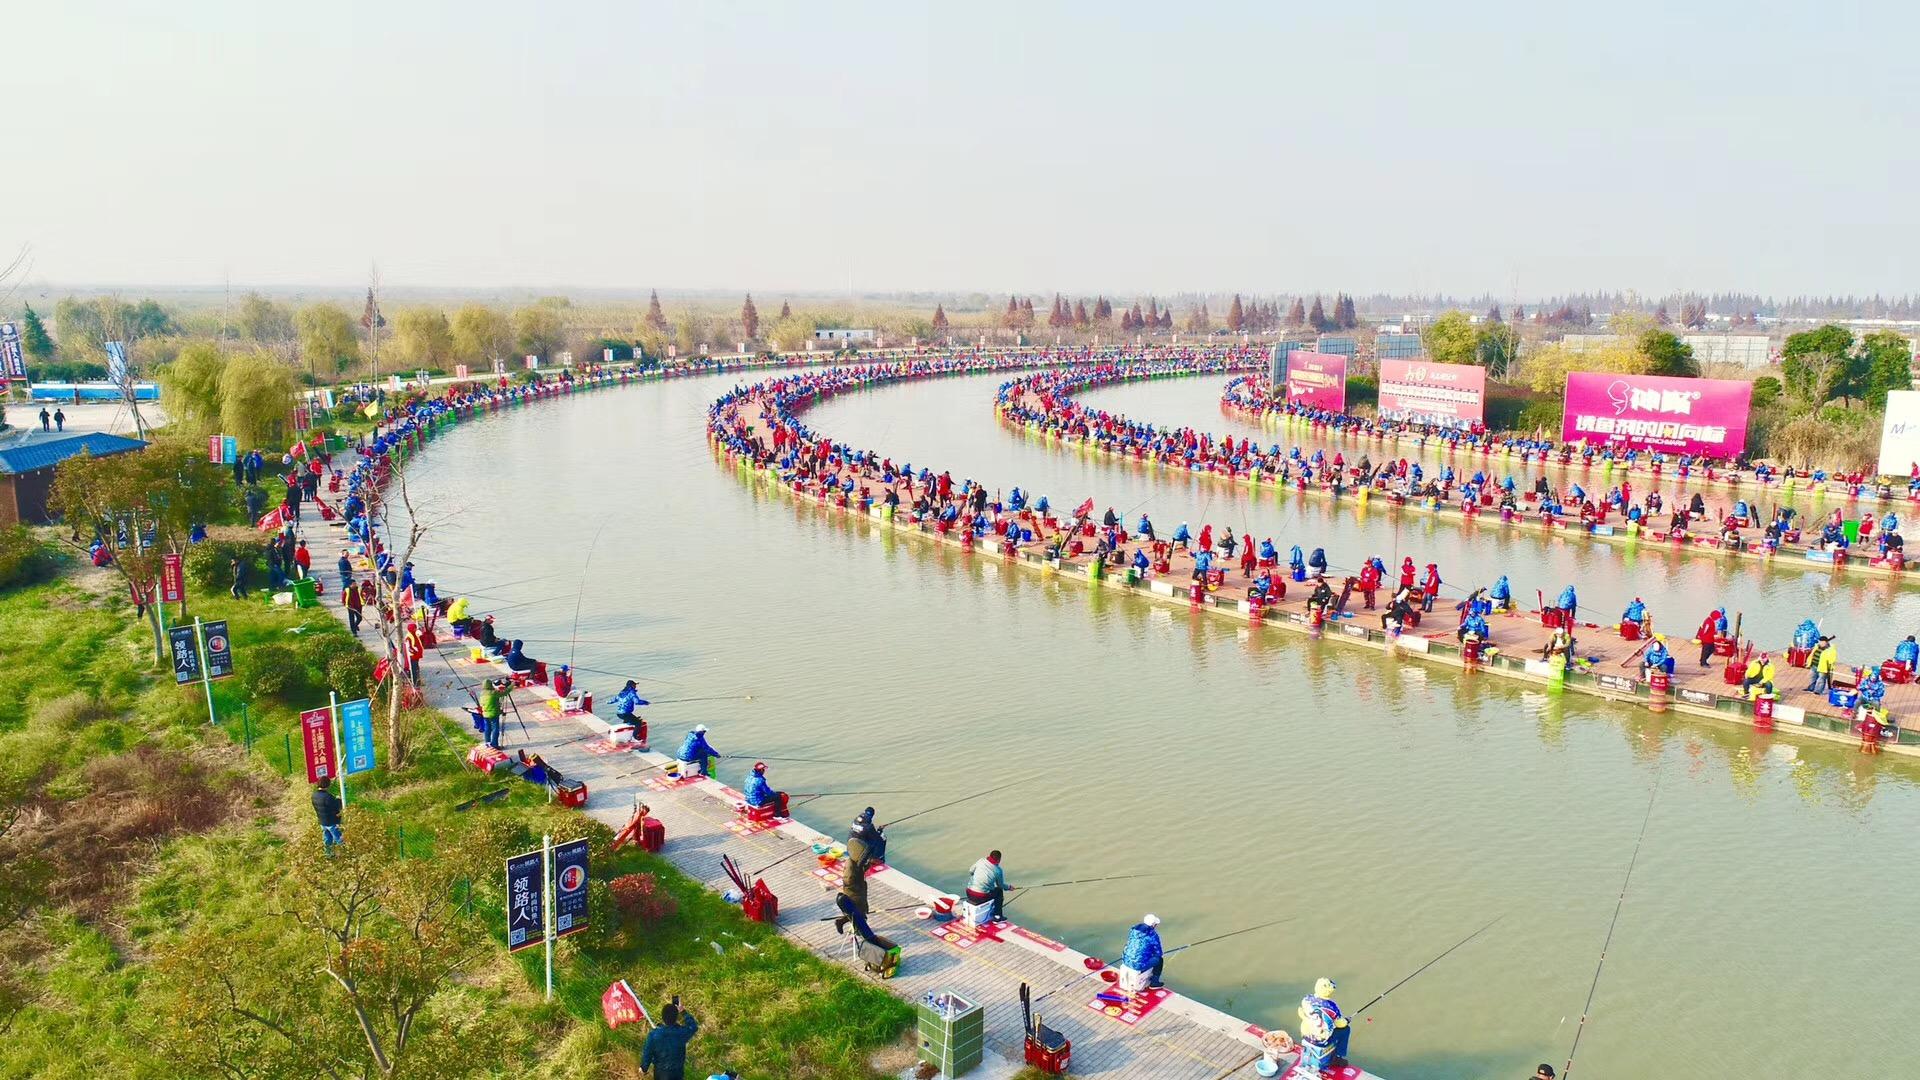 泗洪洪泽湖湿地大圆塘上演争金赛  1800余名垂钓选手竞逐百万大奖